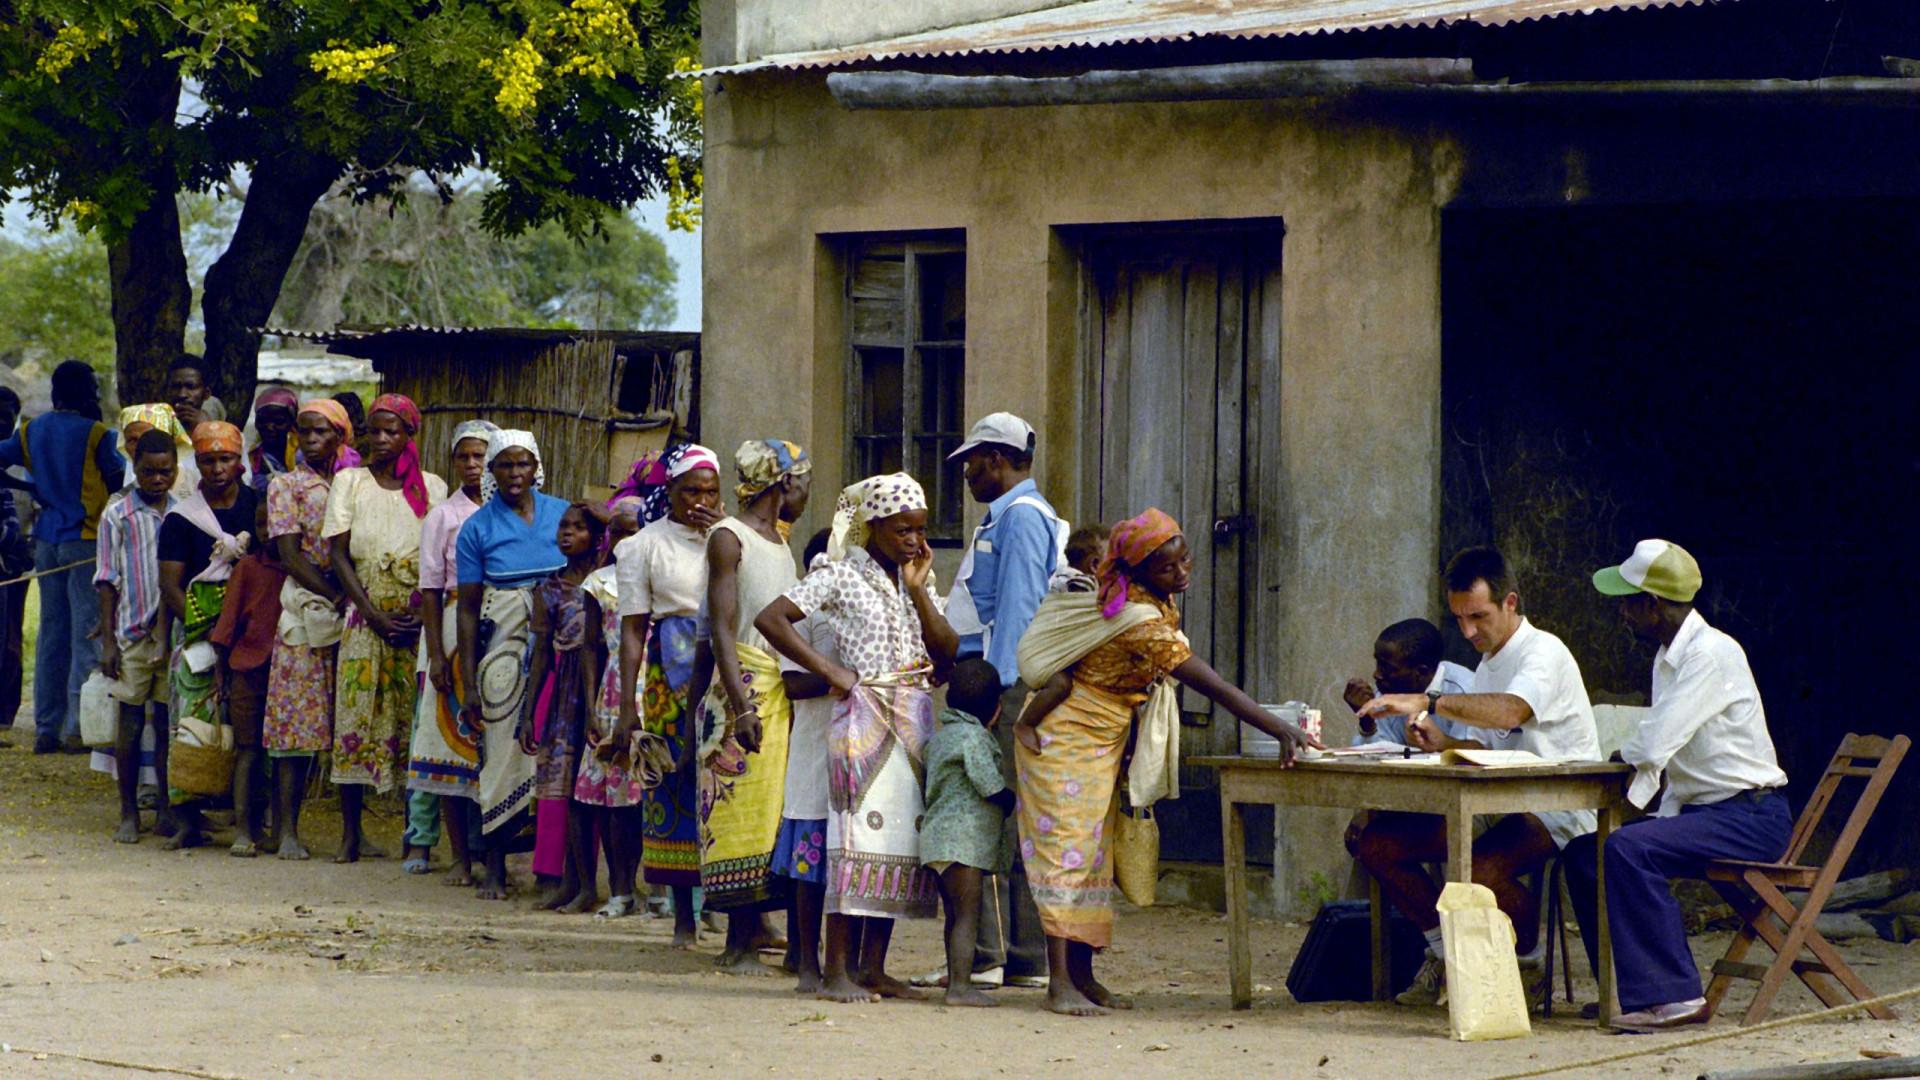 Aumenta população a precisar de assistência alimentar em Moçambique